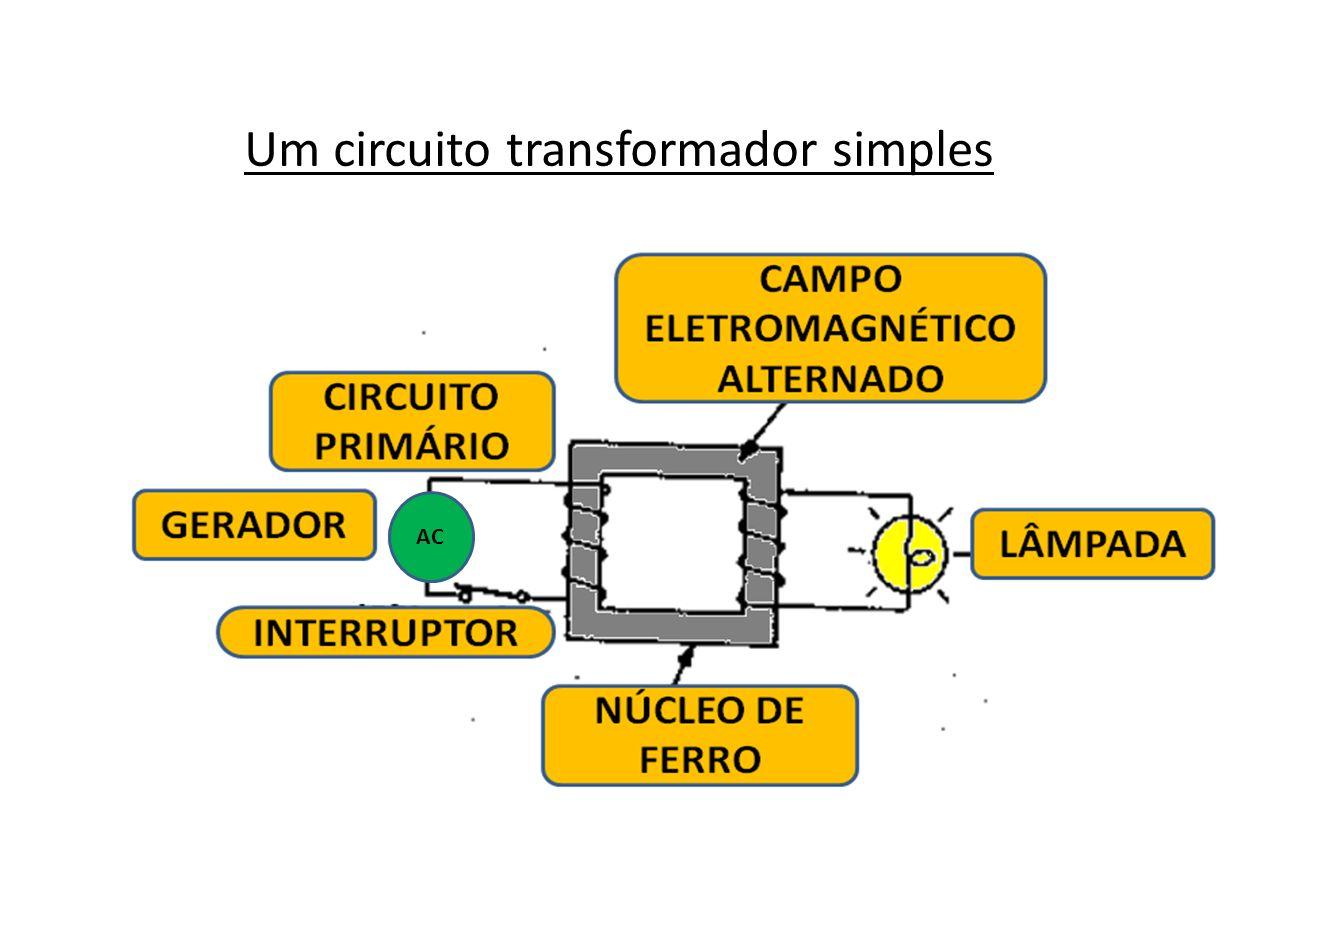 Um circuito transformador simples